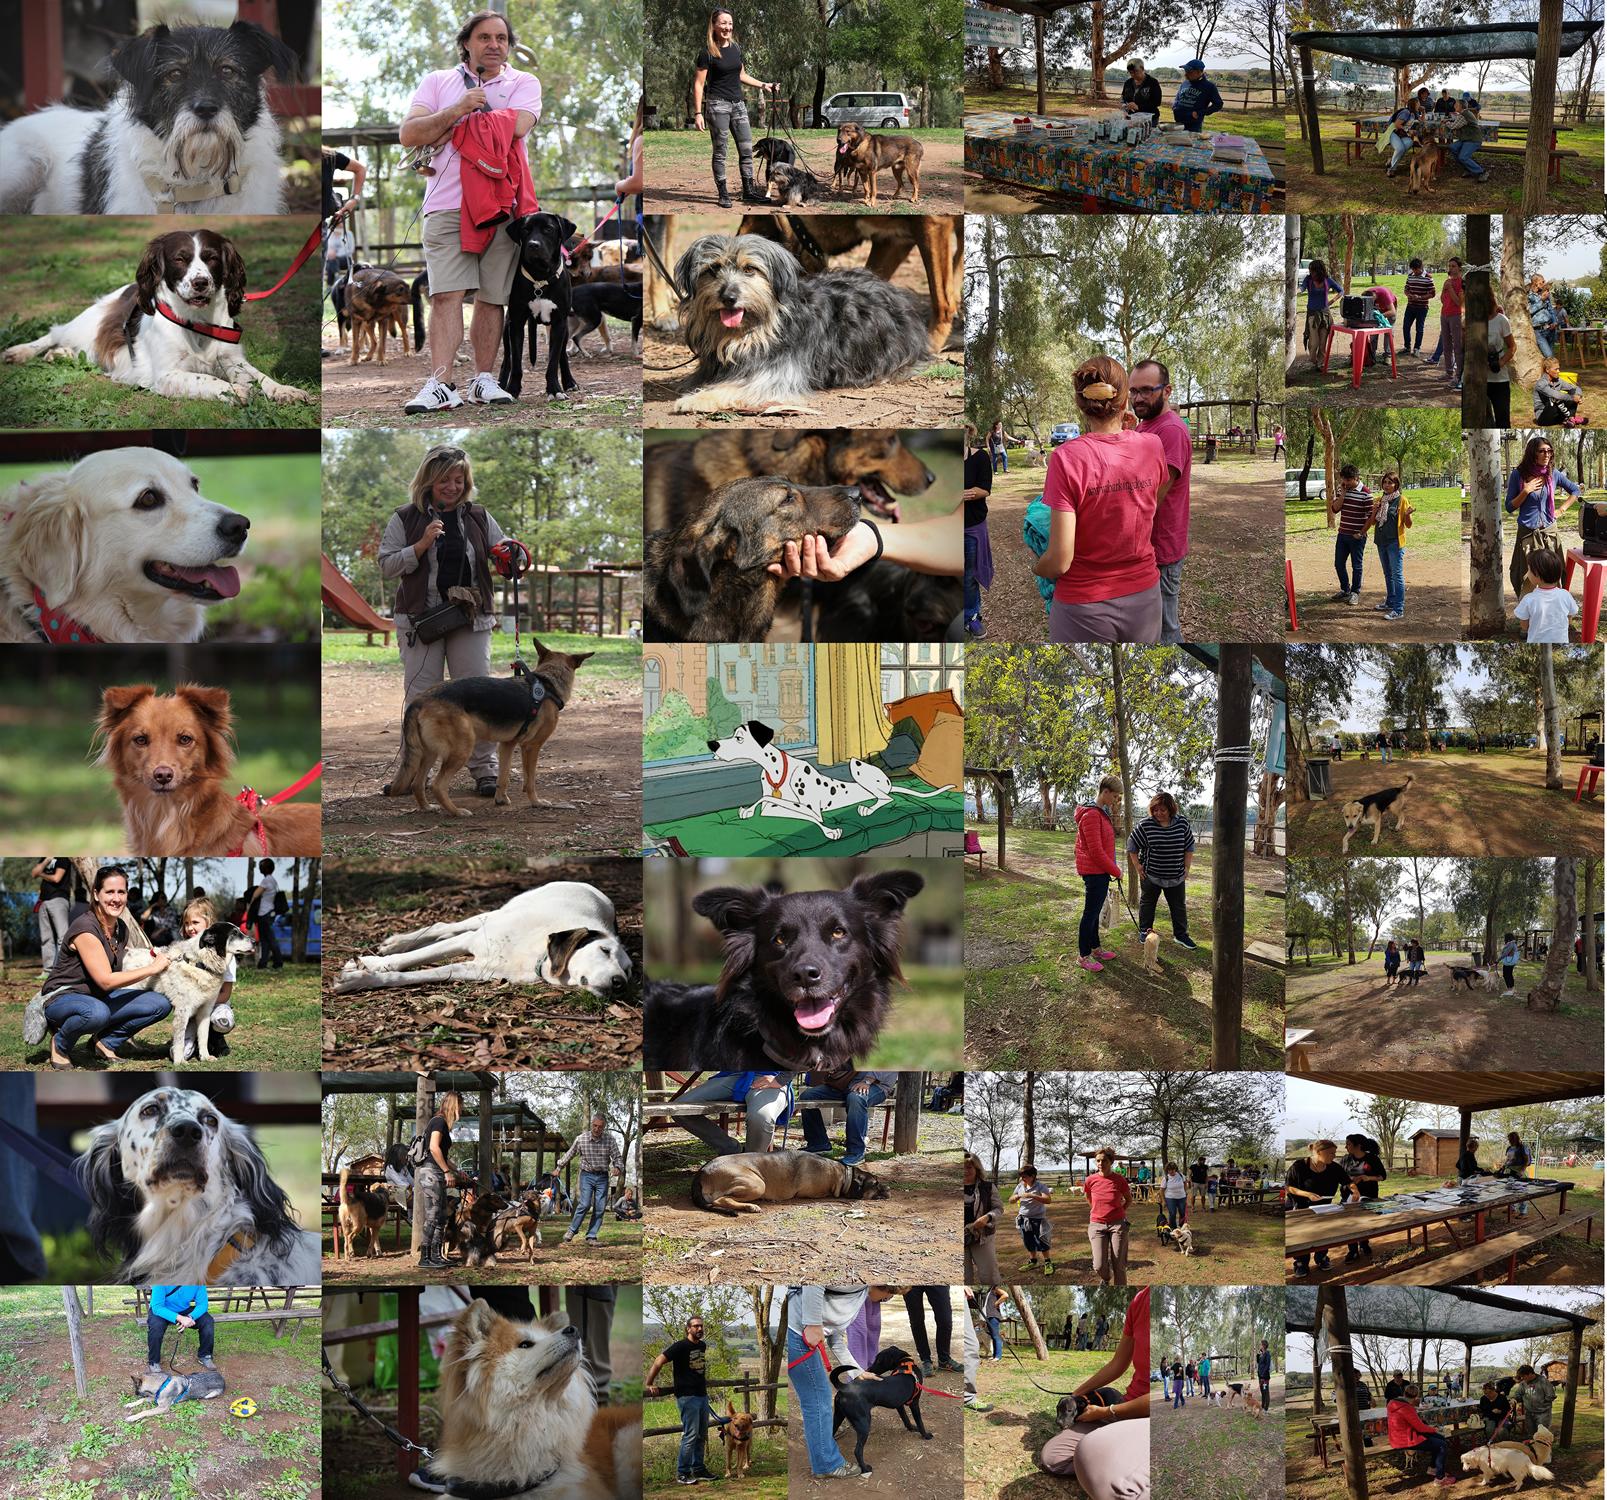 solidarietà per la diffusione sul territorio del concetto di benessere animale Barking Dogs Centro Cinofilo Roma Sud